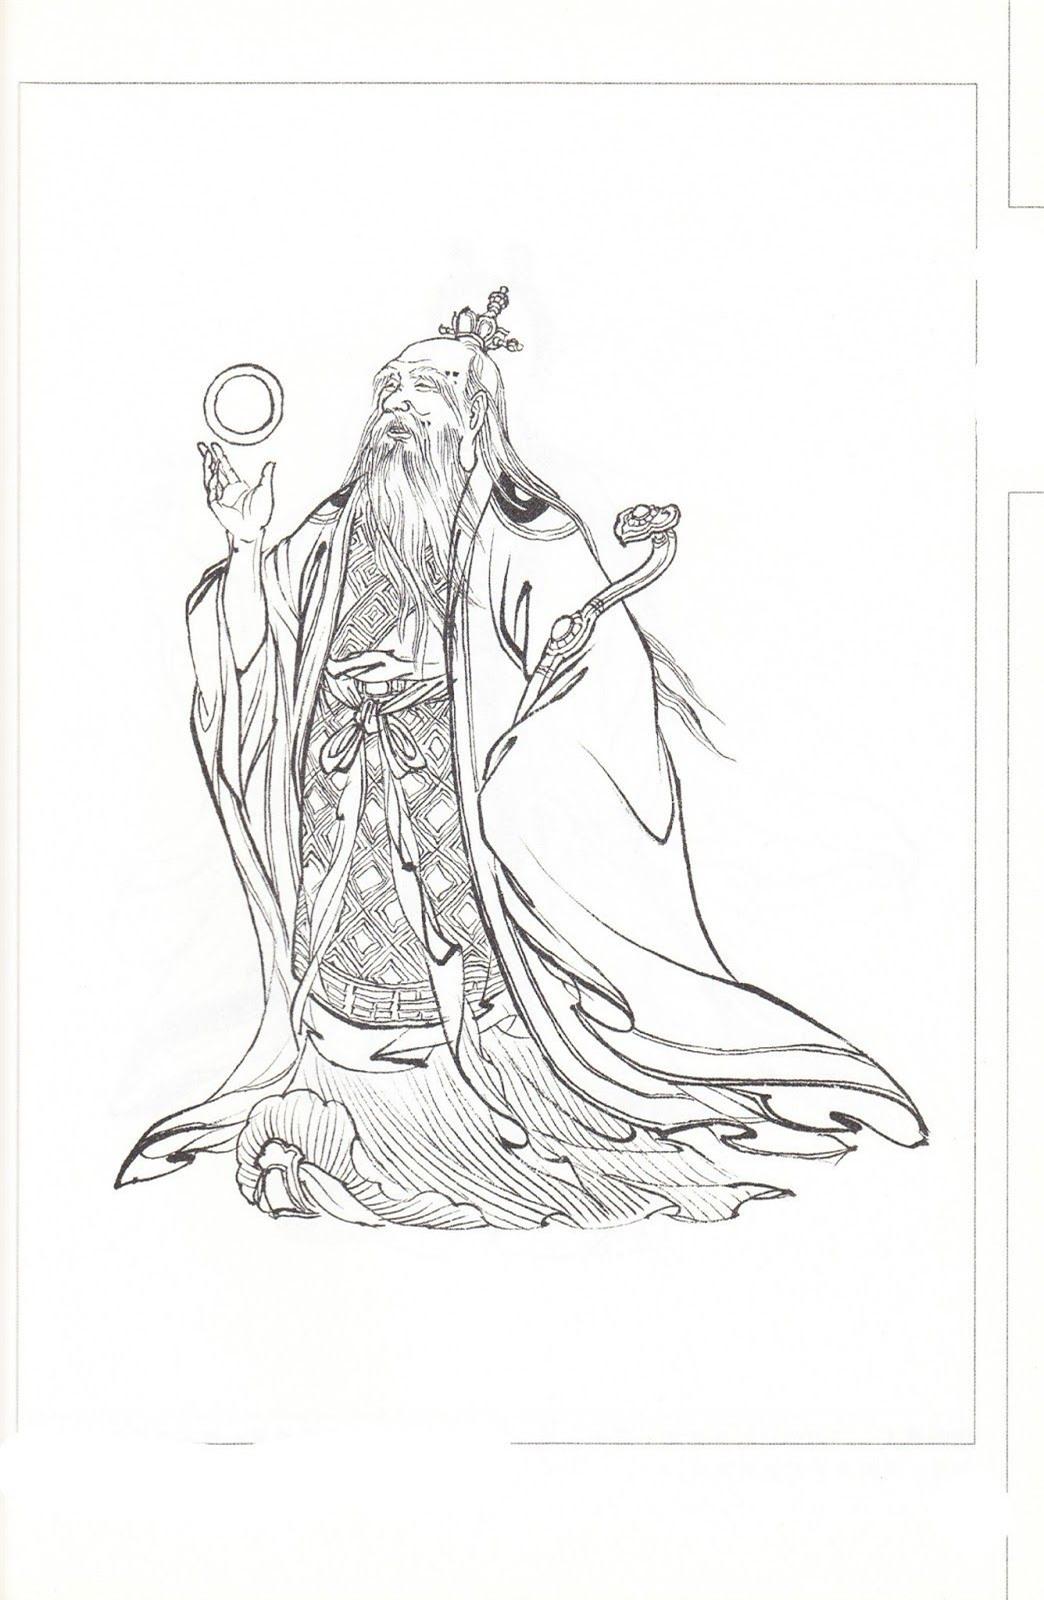 Hồng Quân Lão Tổ và ba đại đệ tử trong thần thoại Trung Hoa thật ra là những ai? - Ảnh 3.